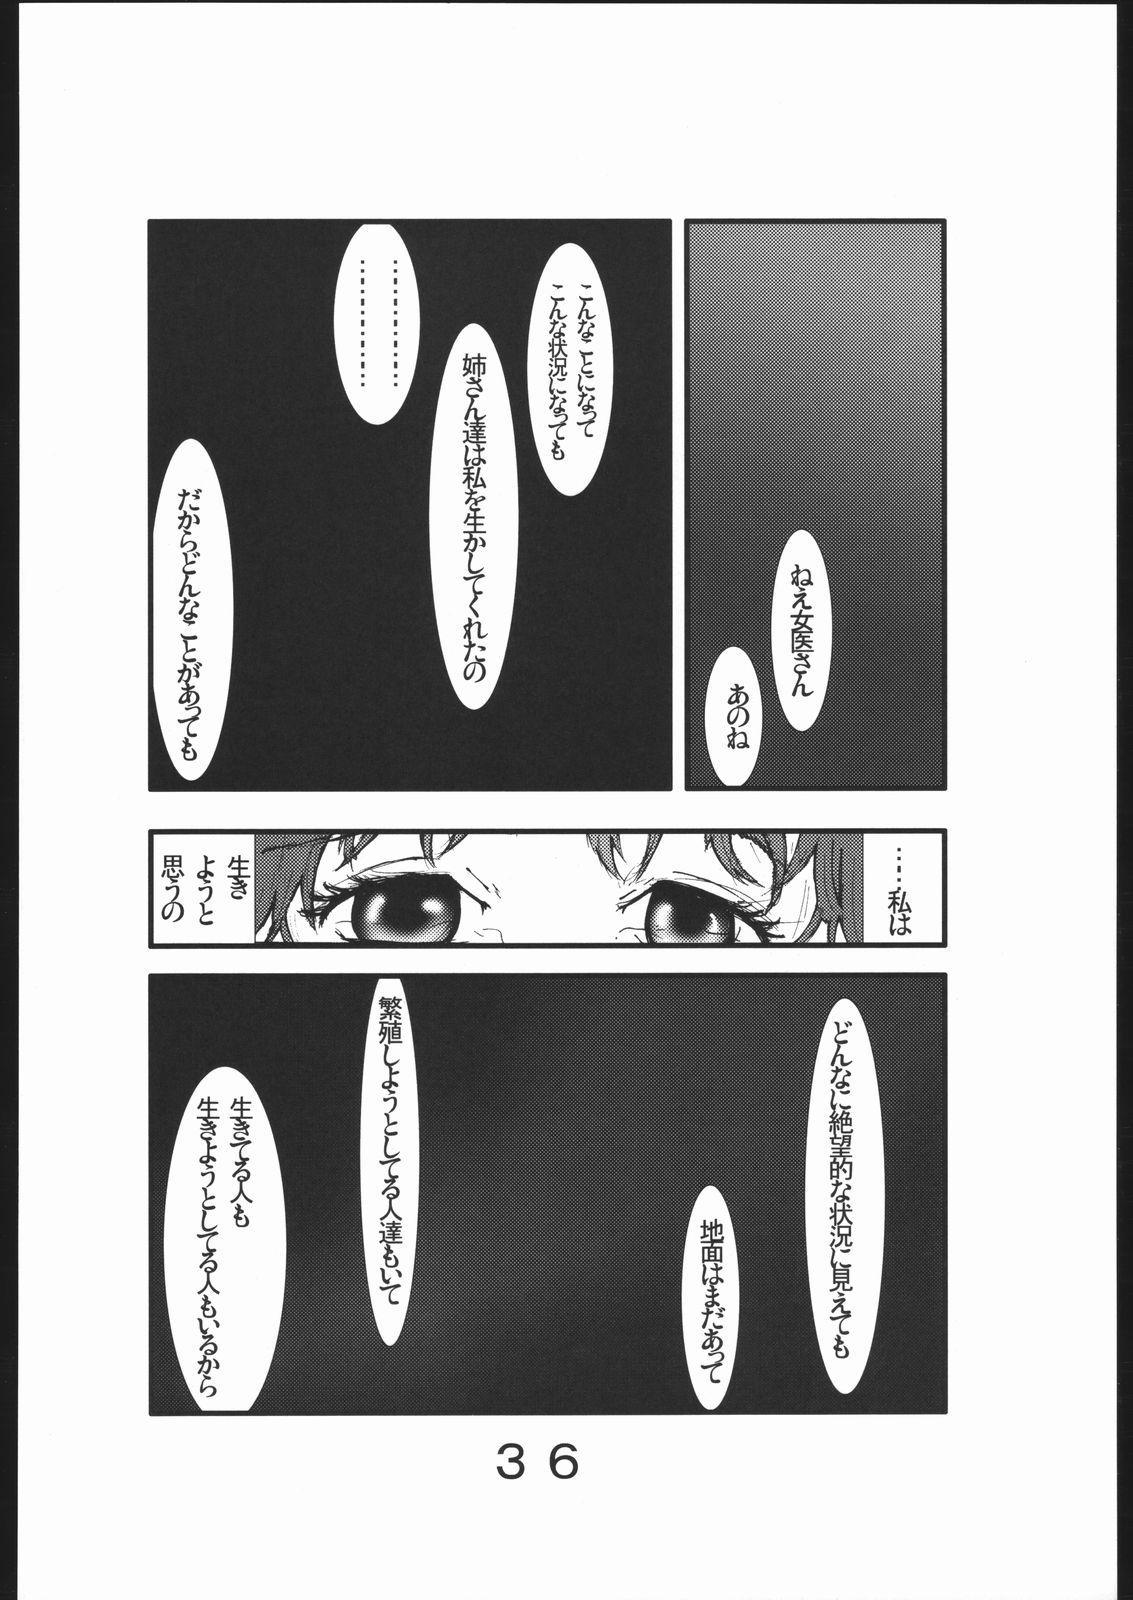 Bouryoku Herushi-bobu 34